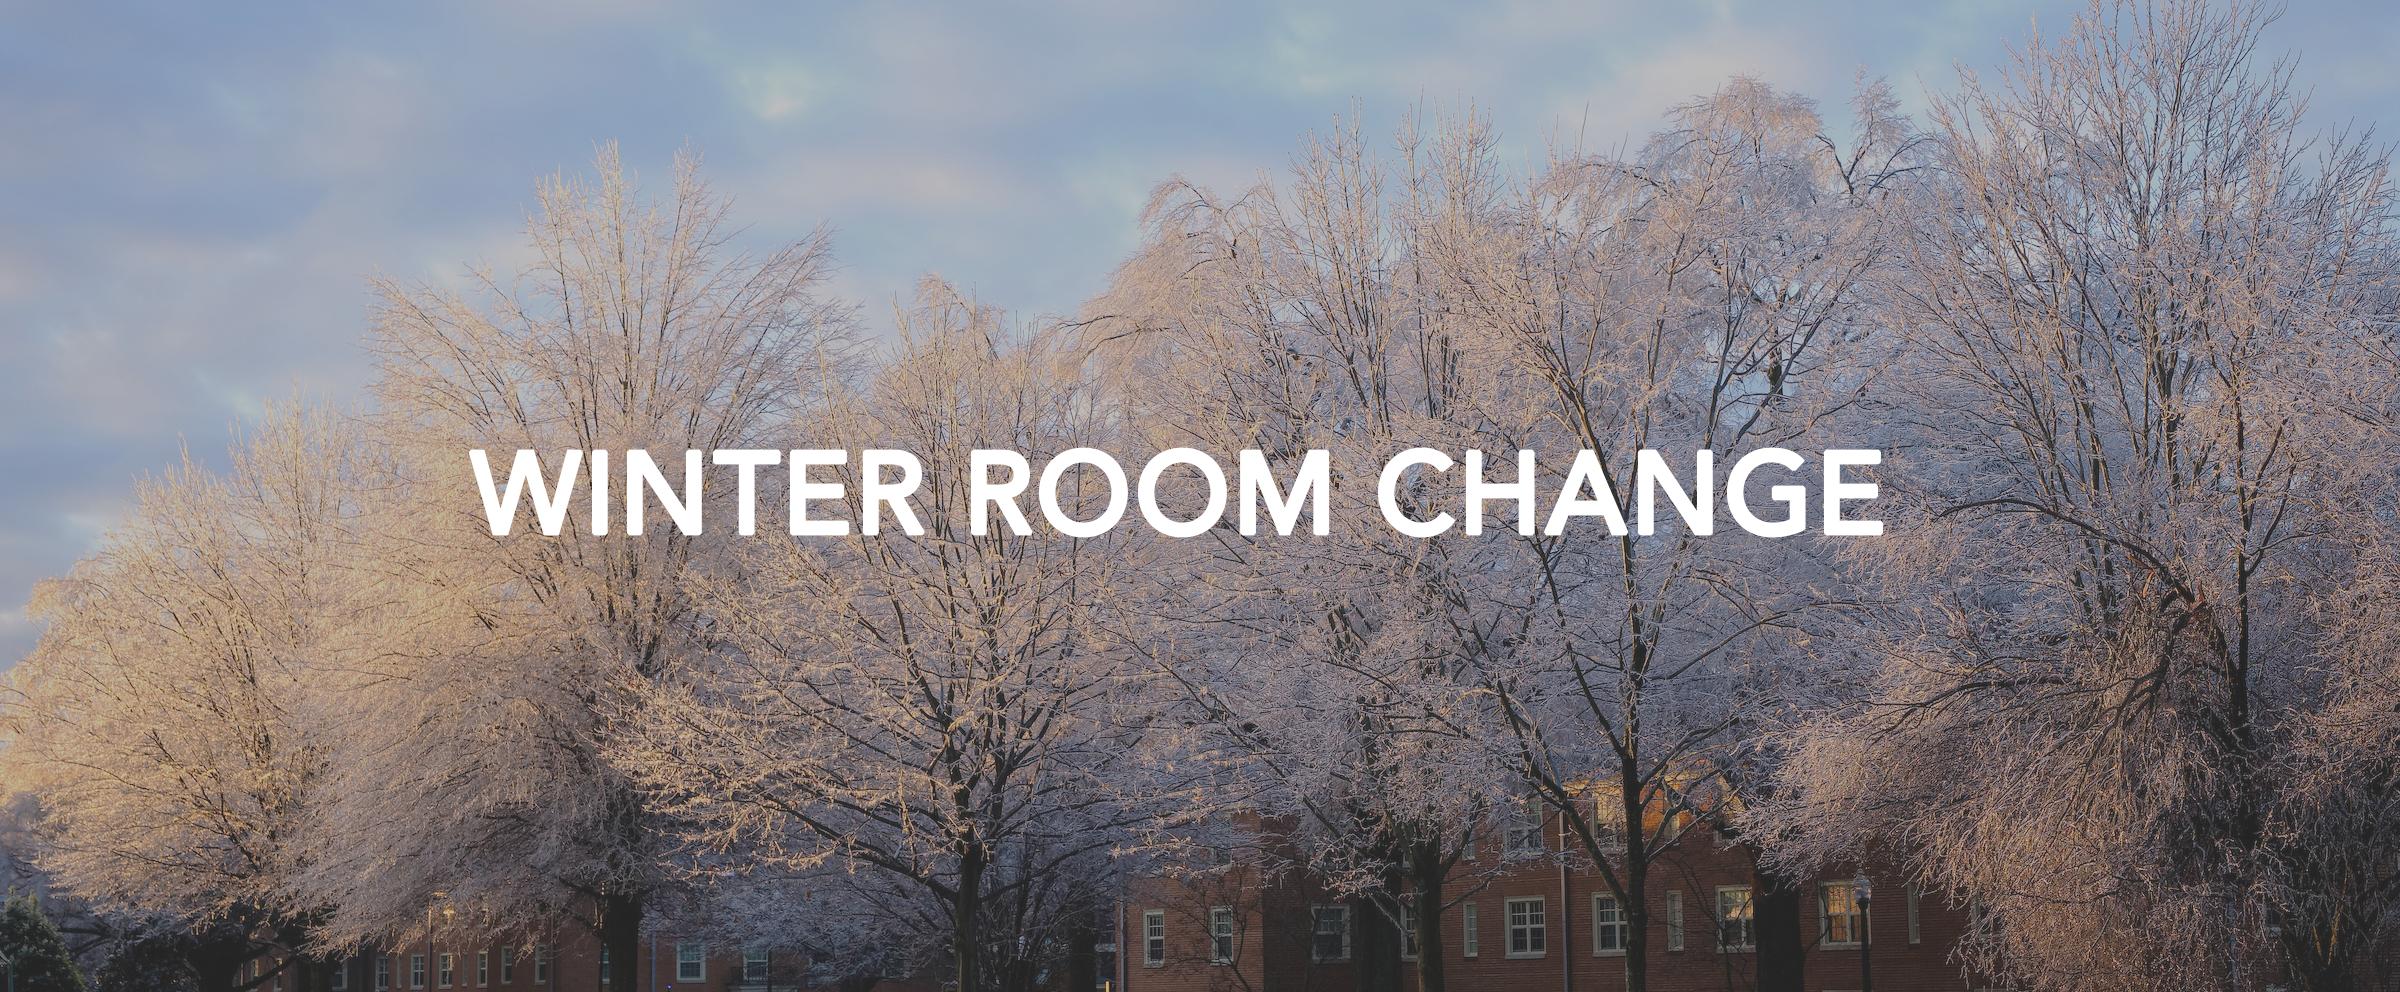 Winter Room Change